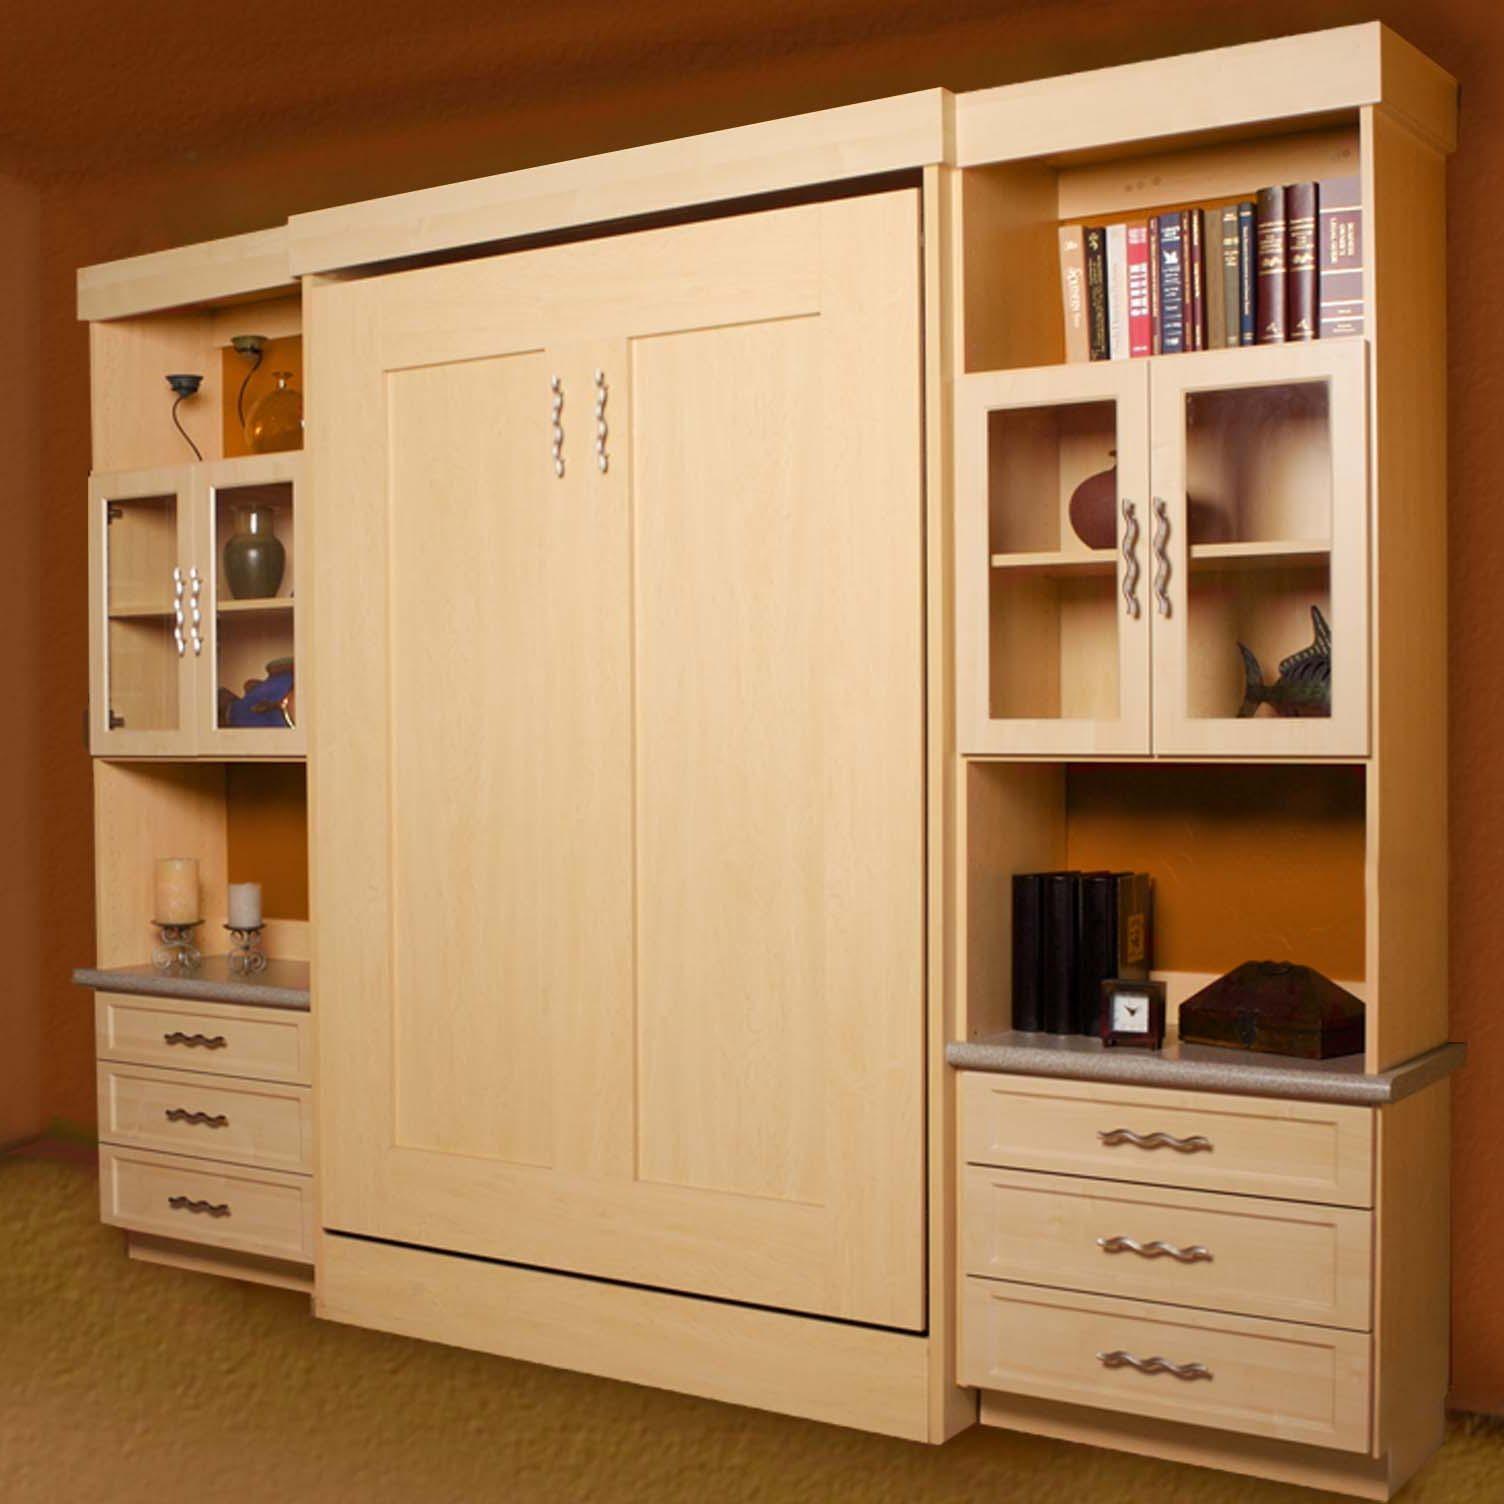 Beautiful Maple Wall bed | murphy bed ideas ikea | Pinterest | Wall ...